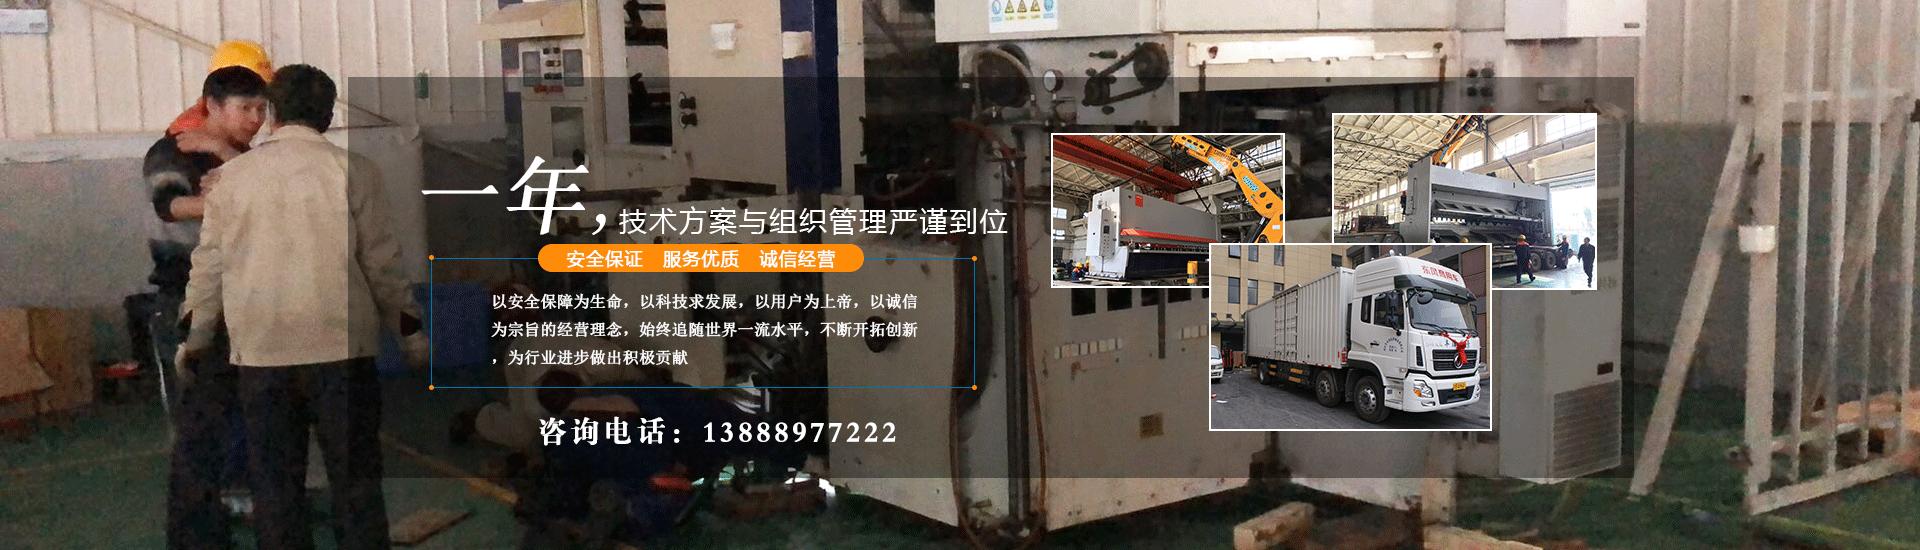 云南大型设备搬运起重吊装要参照哪些具体情况?